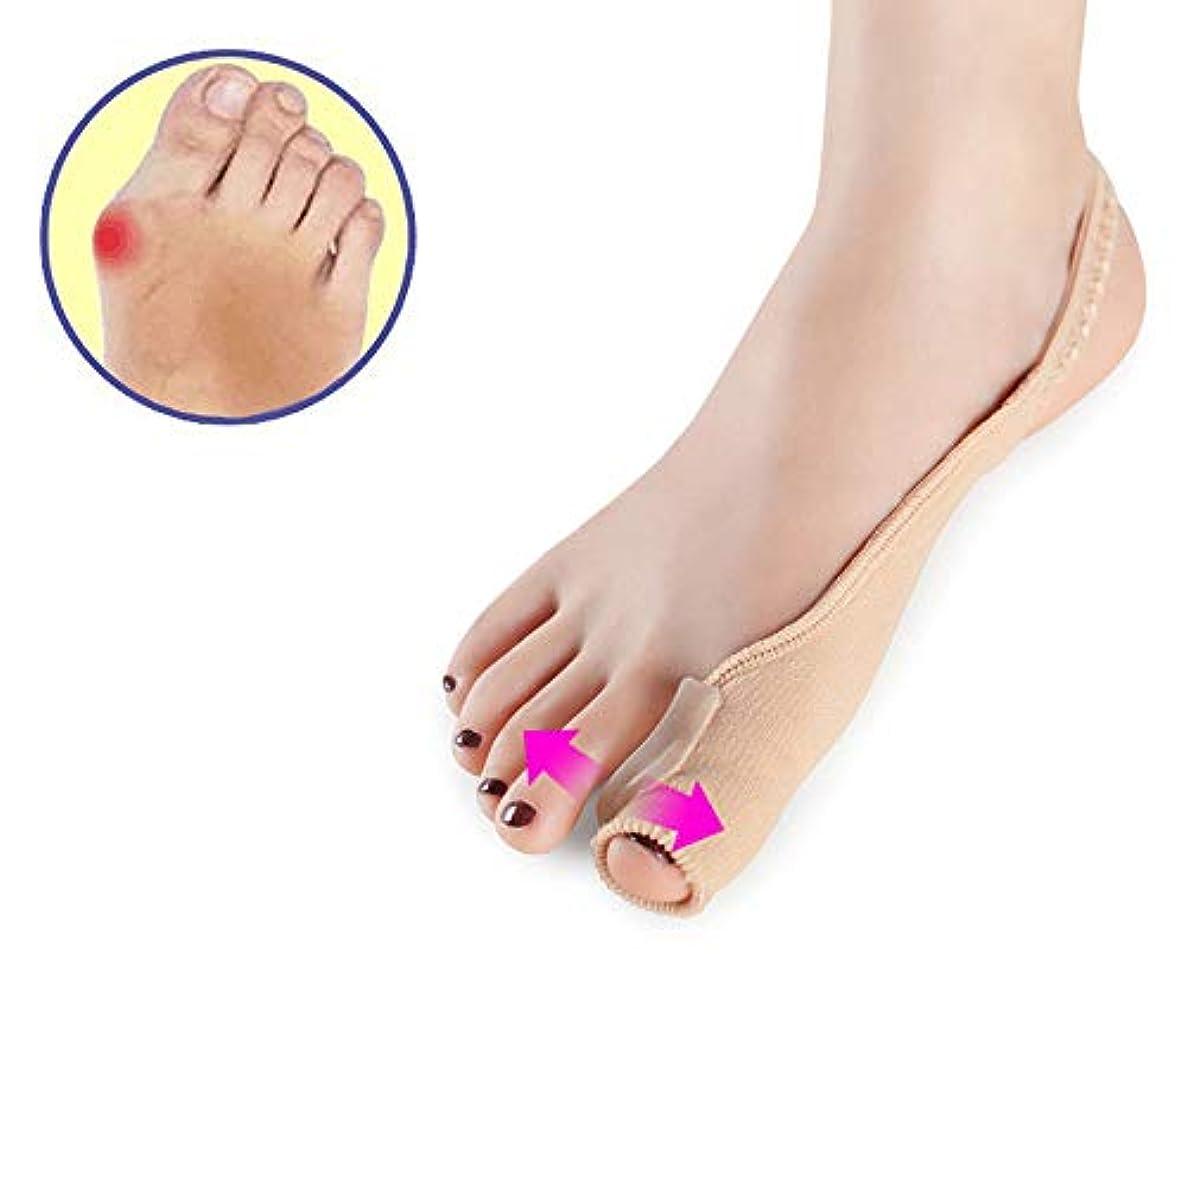 ラベル伸ばす負外反母趾外反装具ゲルパッド付き外反母趾包帯スプリントサムスリーブスリーブソックス重複つま先スプレッダー親指